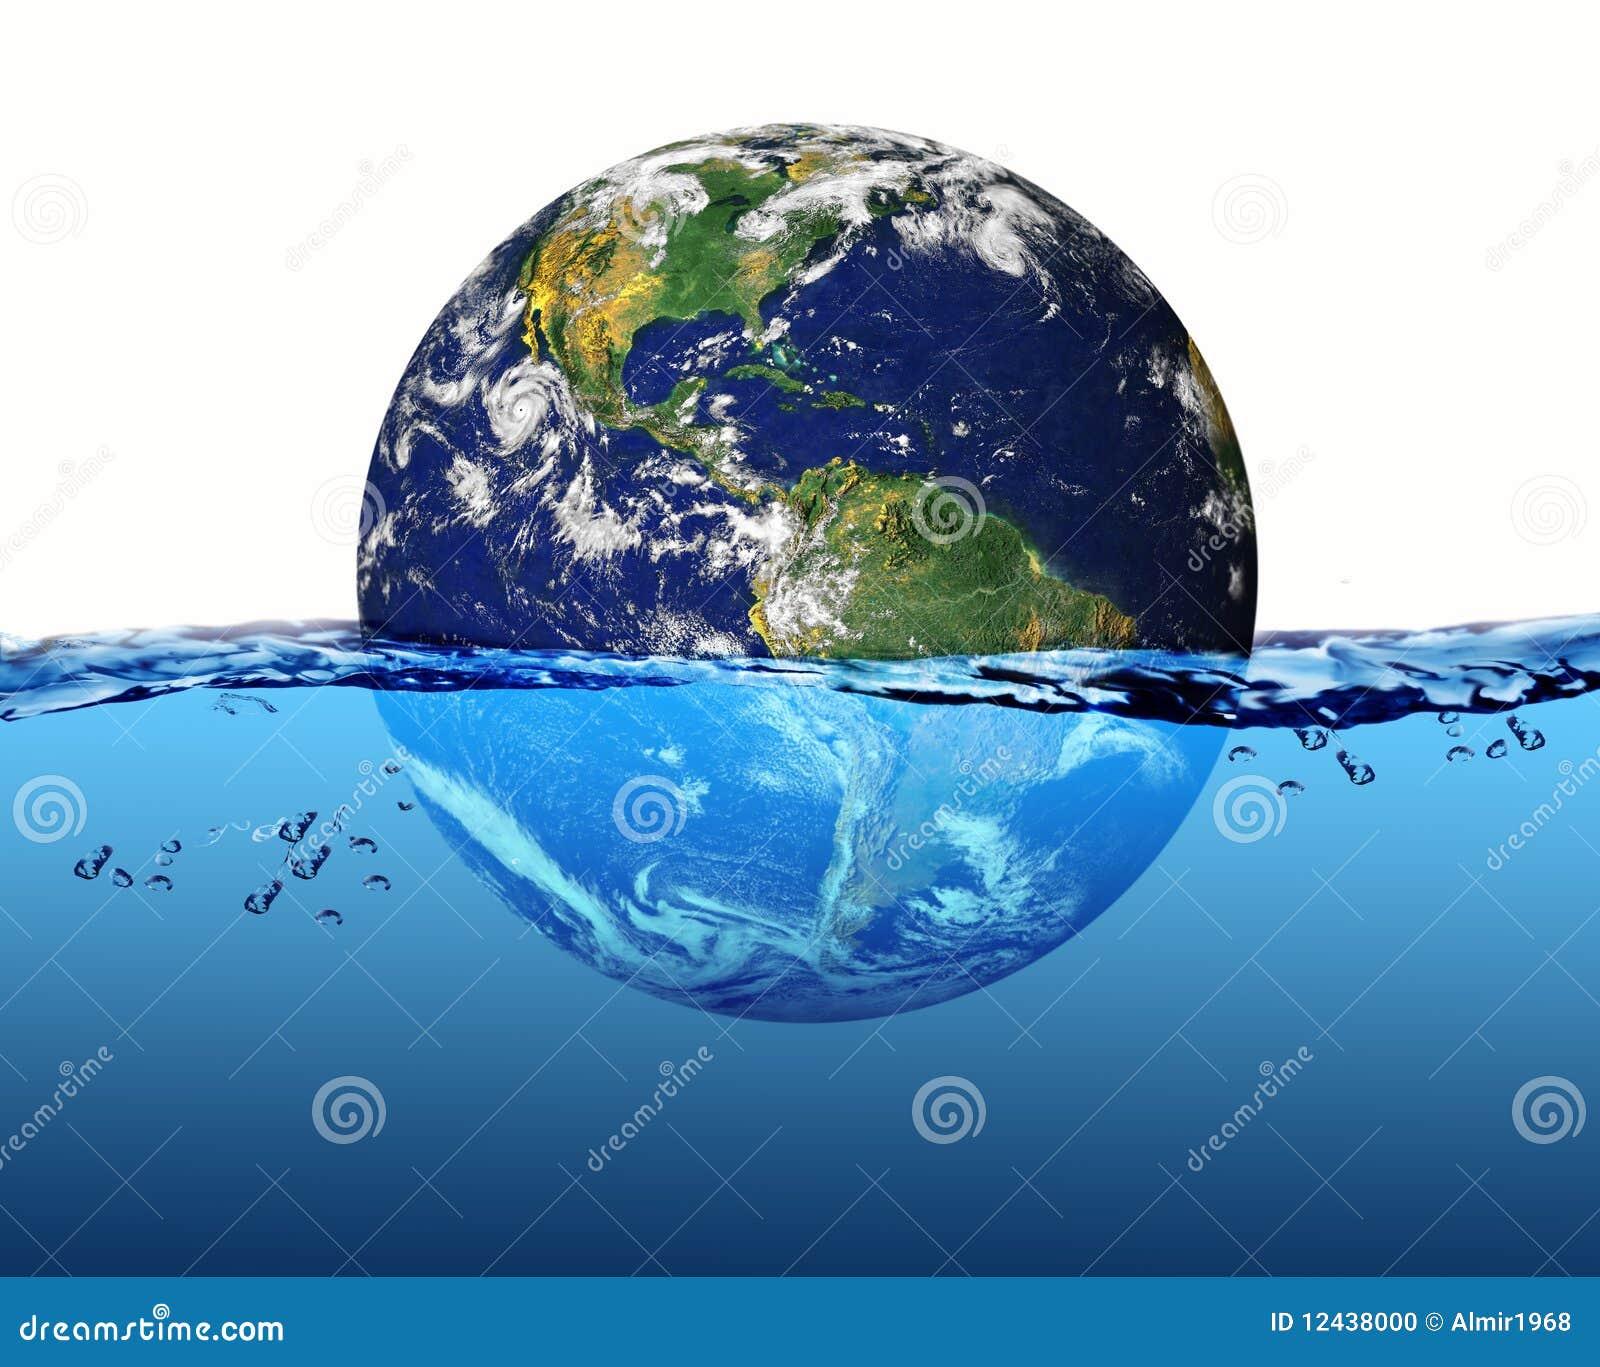 какой процент земли занимает мировой океан